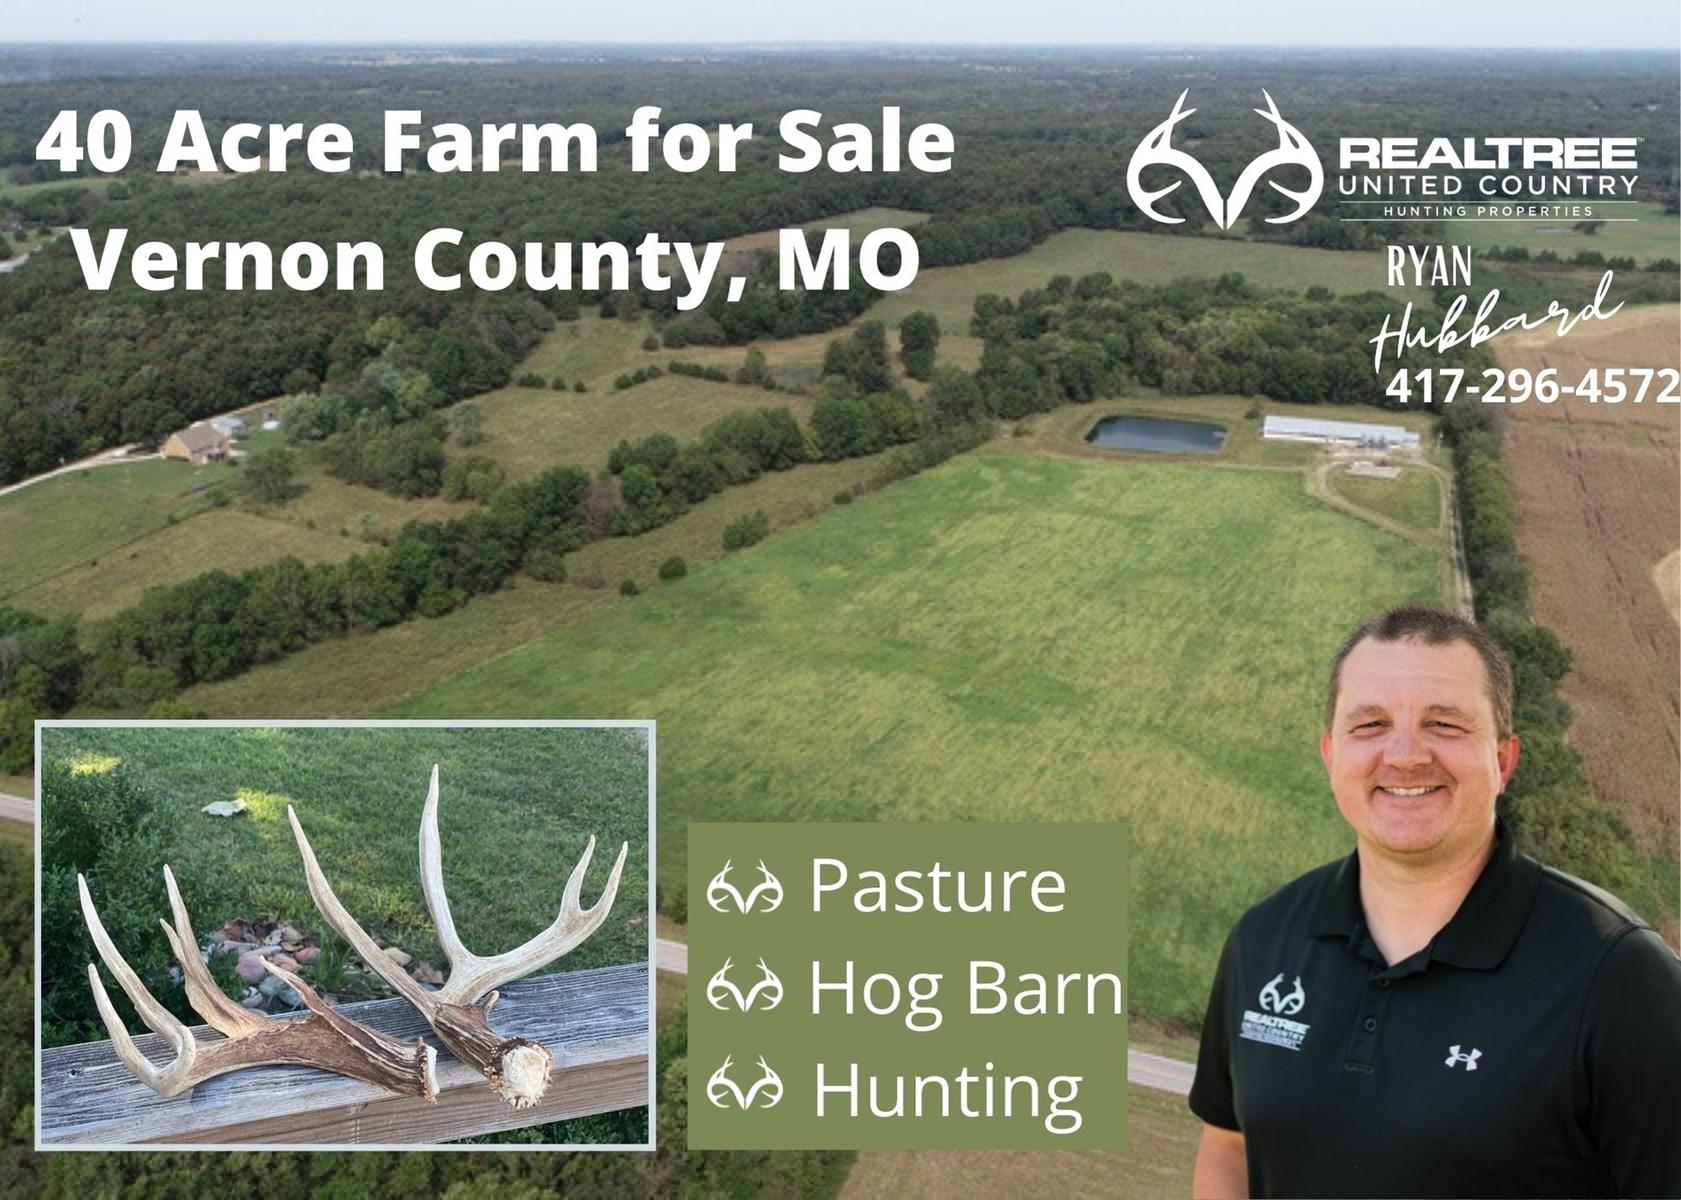 Farm For Sale in Vernon County Missouri